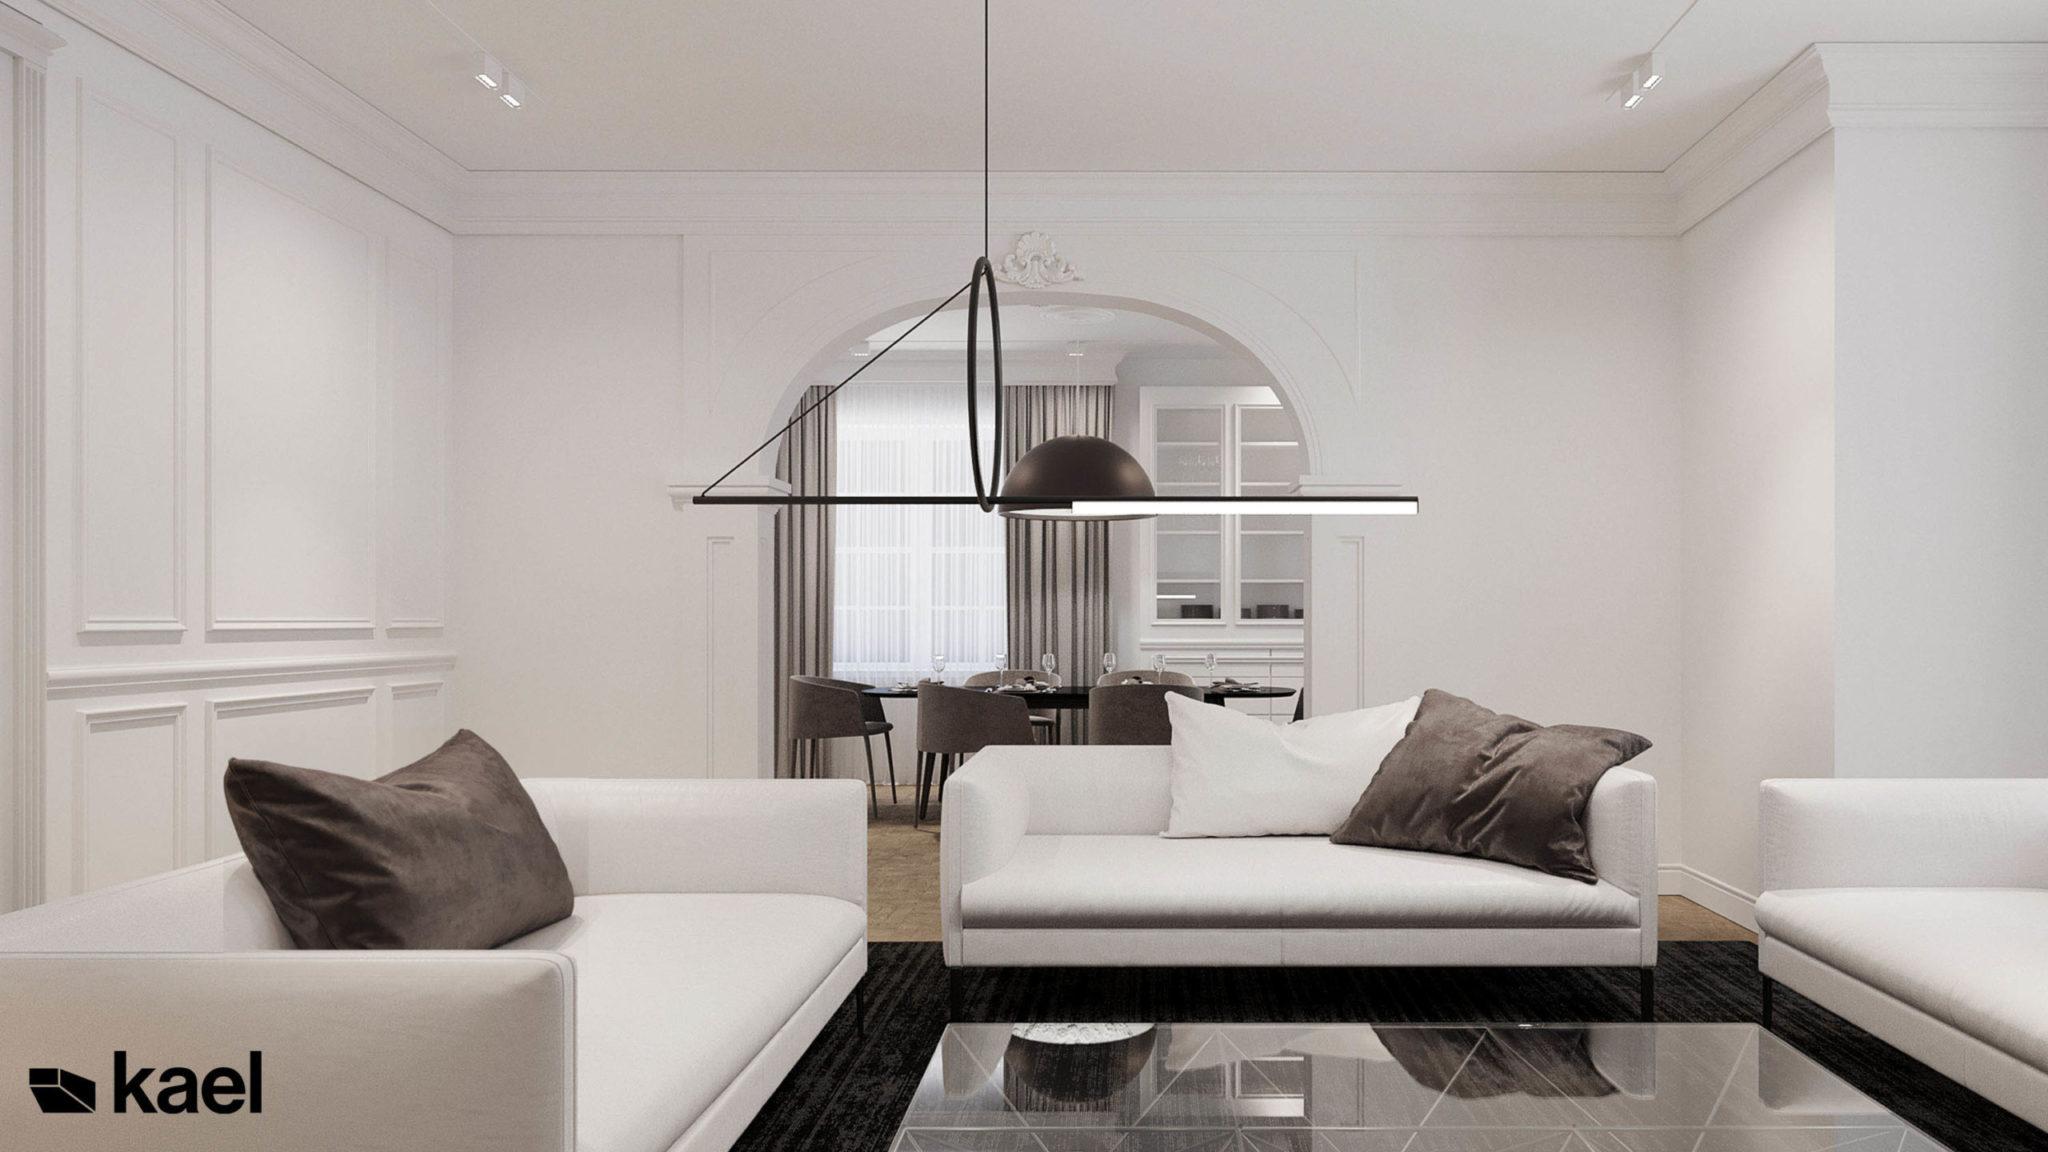 Salon z minimalistyczną lampą.